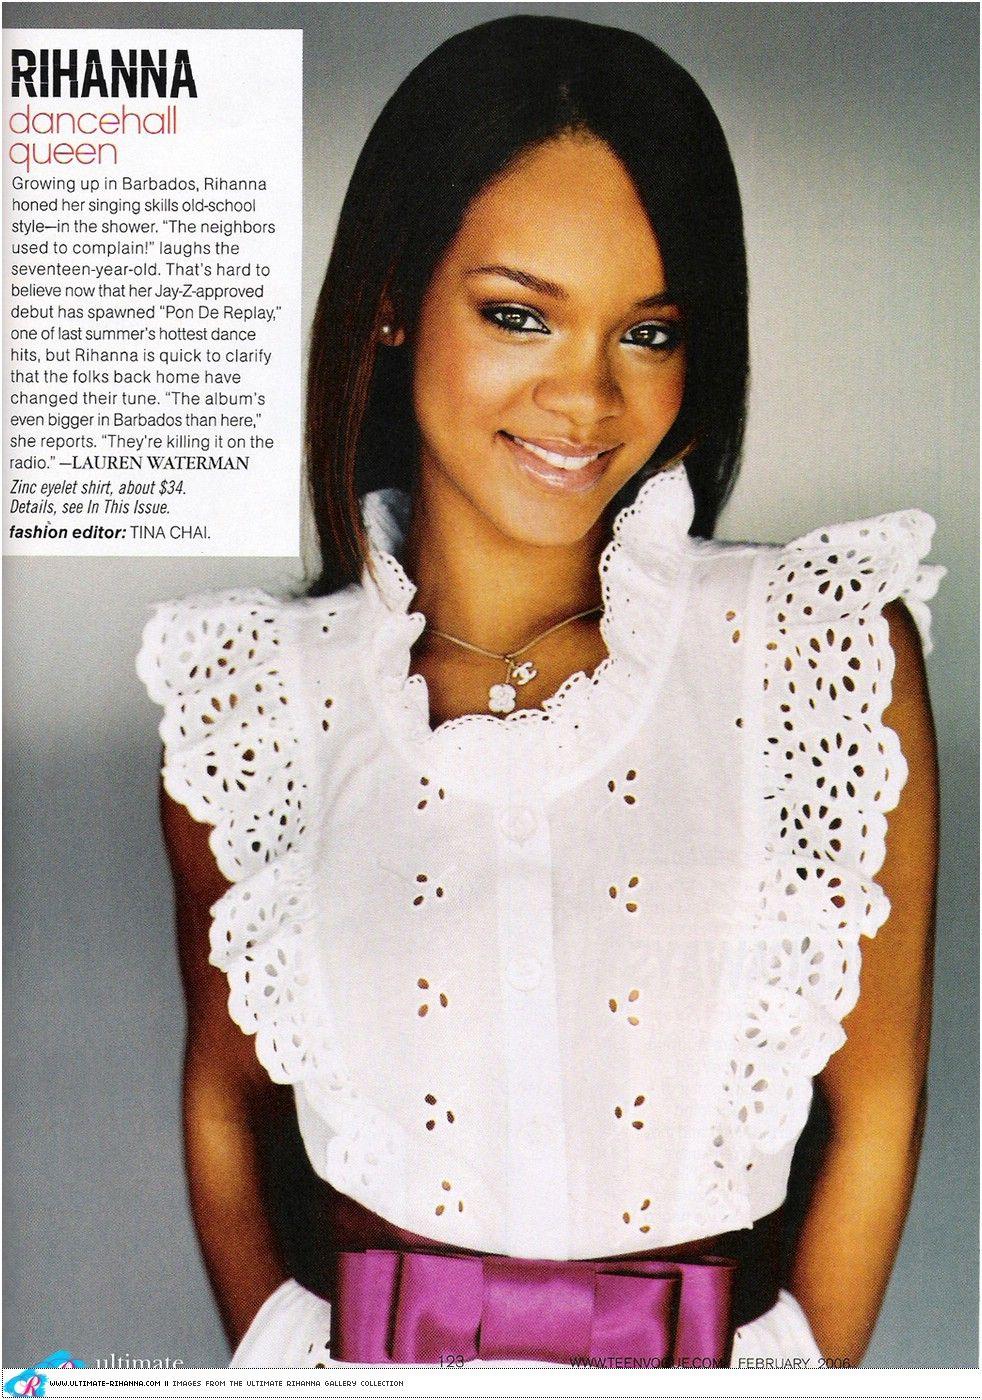 Rihanna as a teen